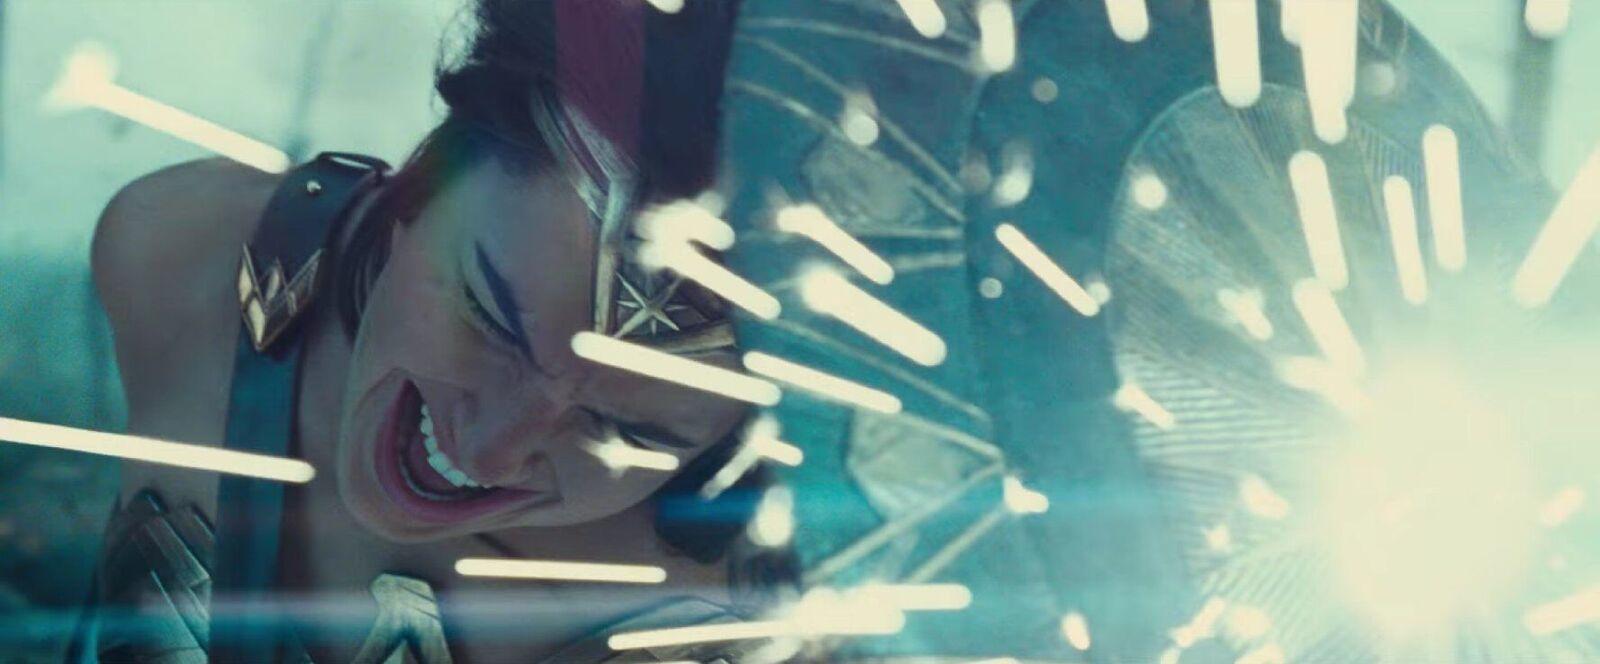 Phấn khích với màn nhá hàng hoành tráng của 'Wonder Woman'